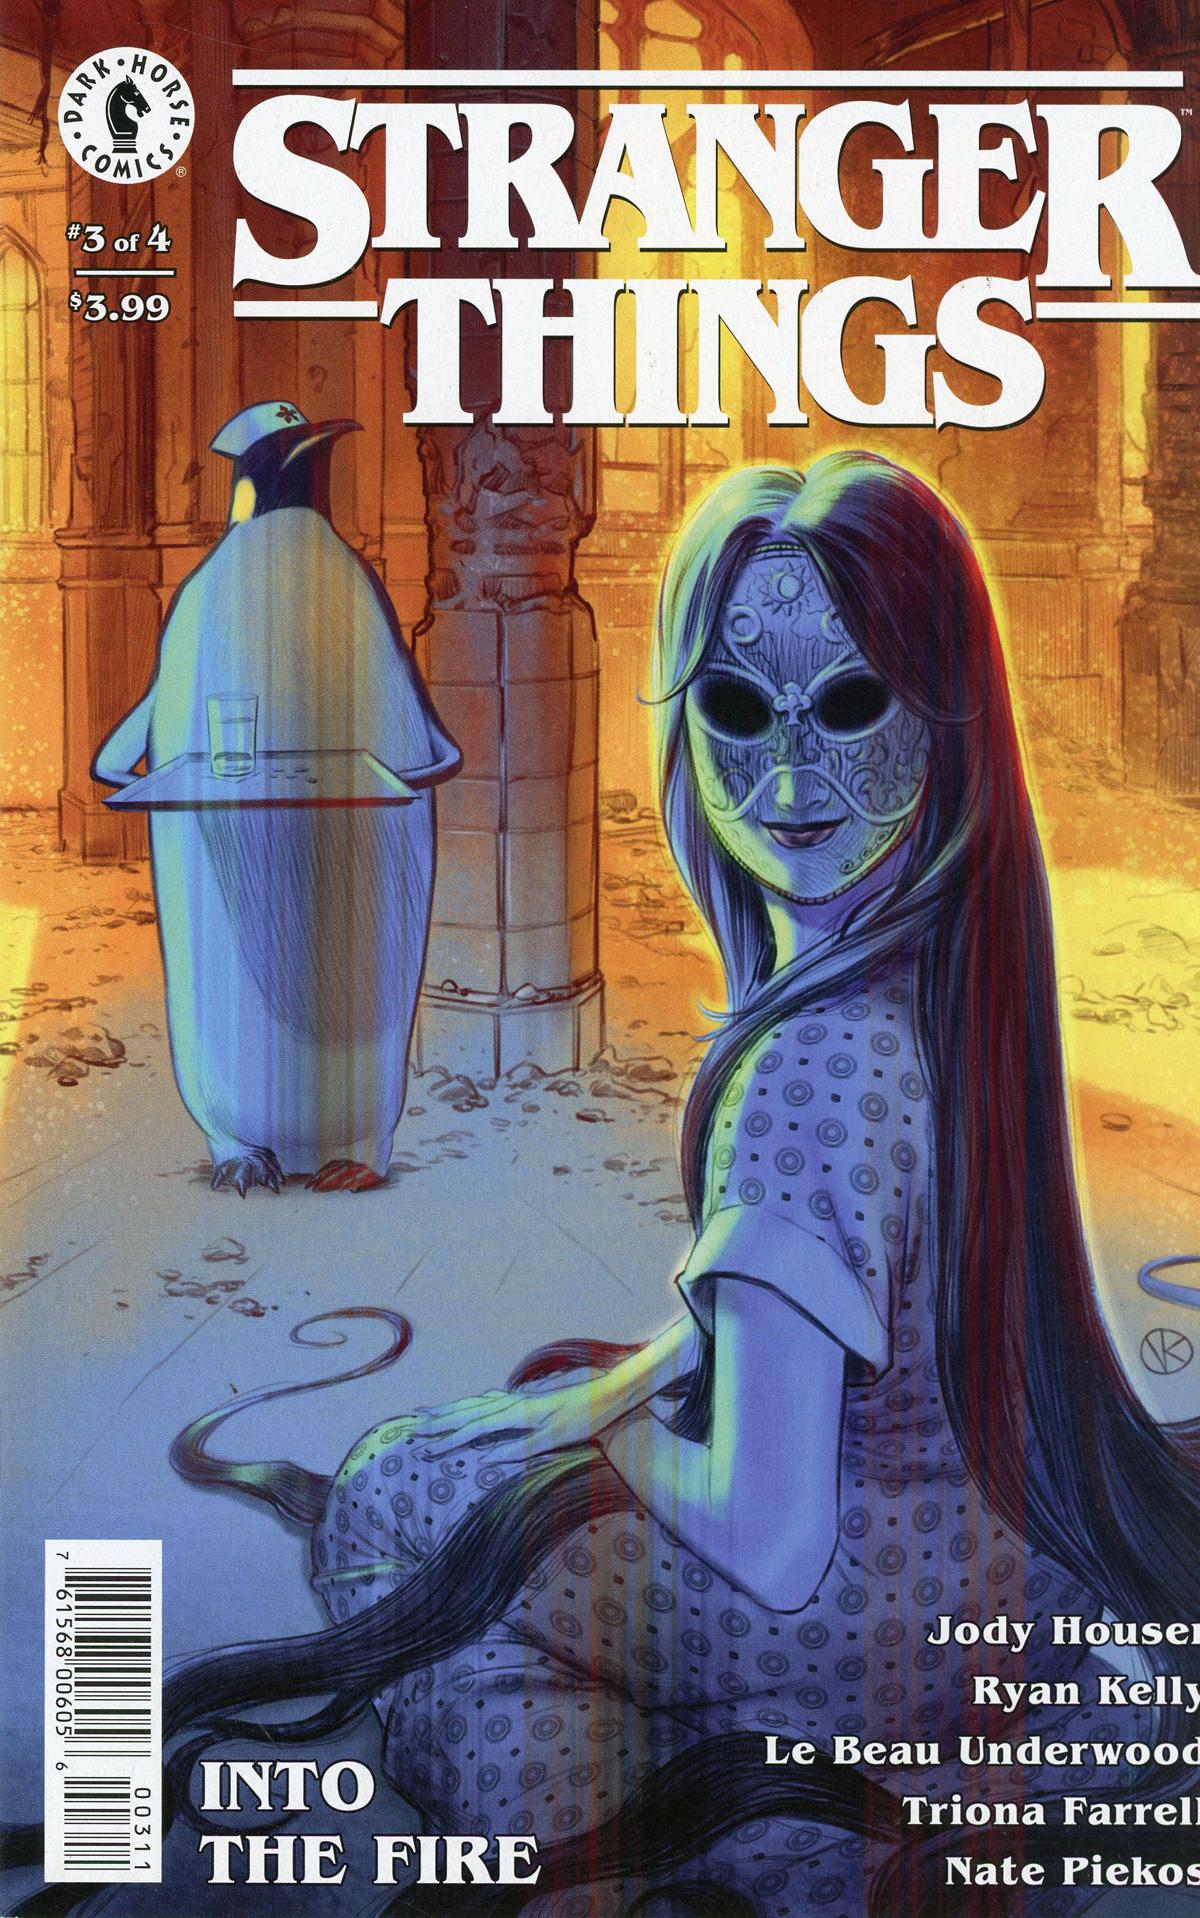 Stranger Things Into The Fire #3 Cover A Regular Viktor Kalvachev Cover